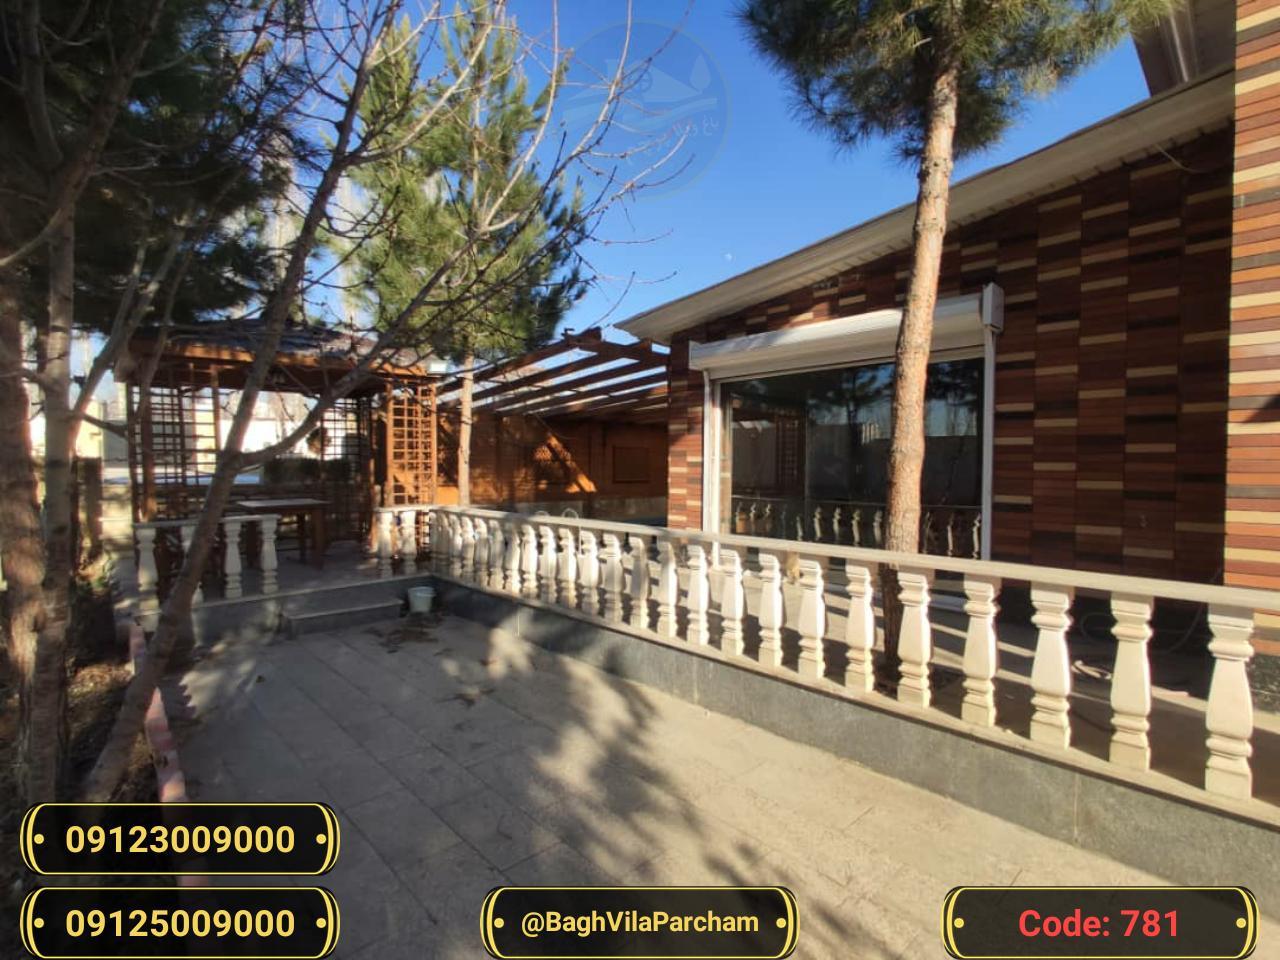 تصویر عکس باغ ویلا شماره 1 از ویلای ۱۰۵۰ متر ویلا Picture photo image 1 of ۱۰۵۰ متر ویلا